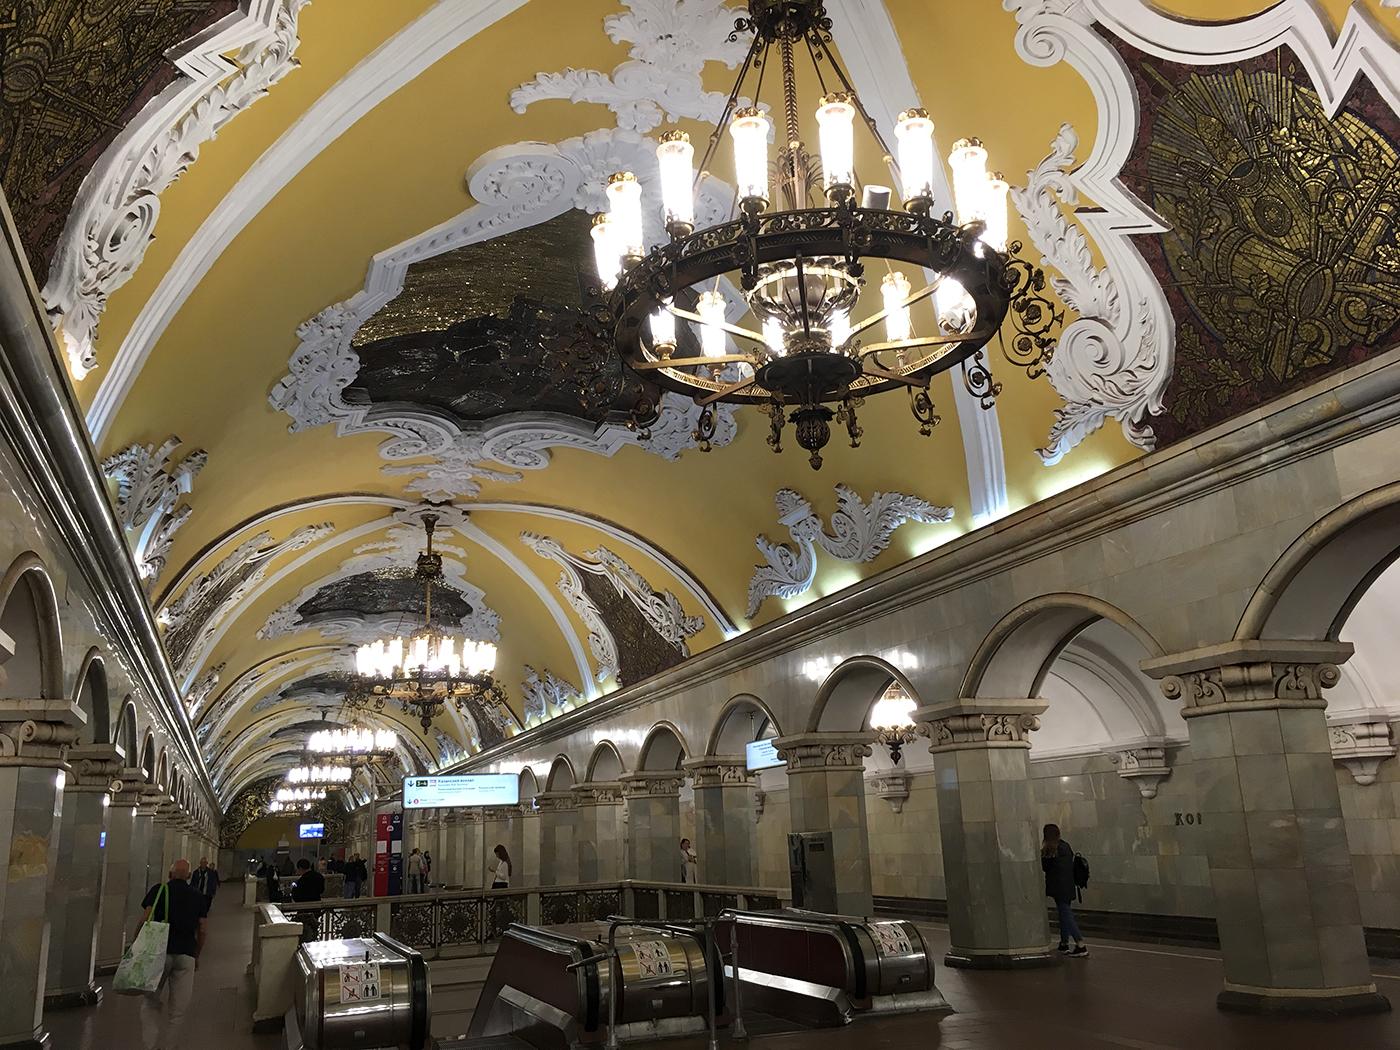 een metro station - bezienswaardigheden stedentrip Moskou